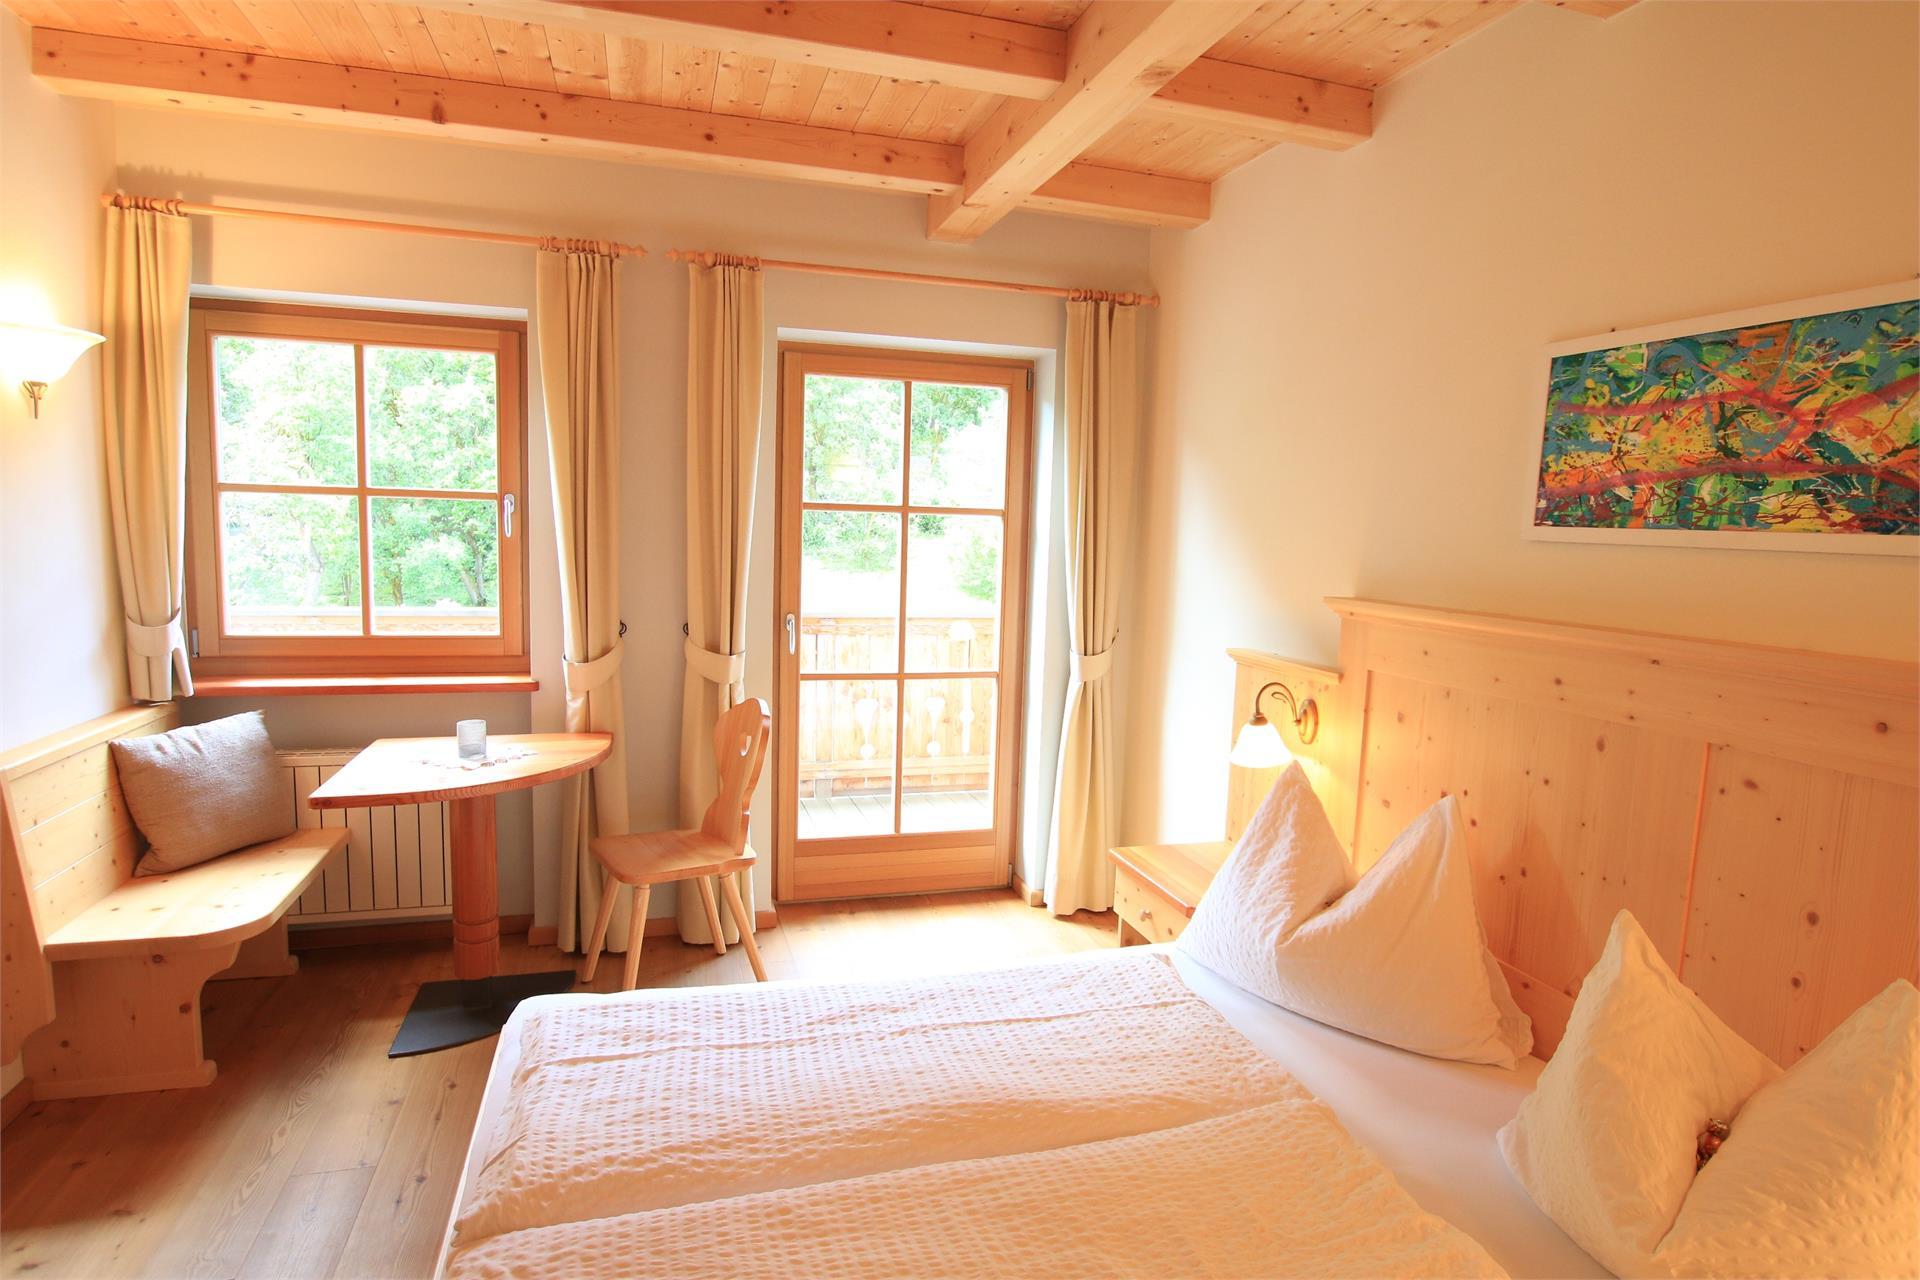 Doppelzimmer mit Massivholzmöbeln und Holzboden